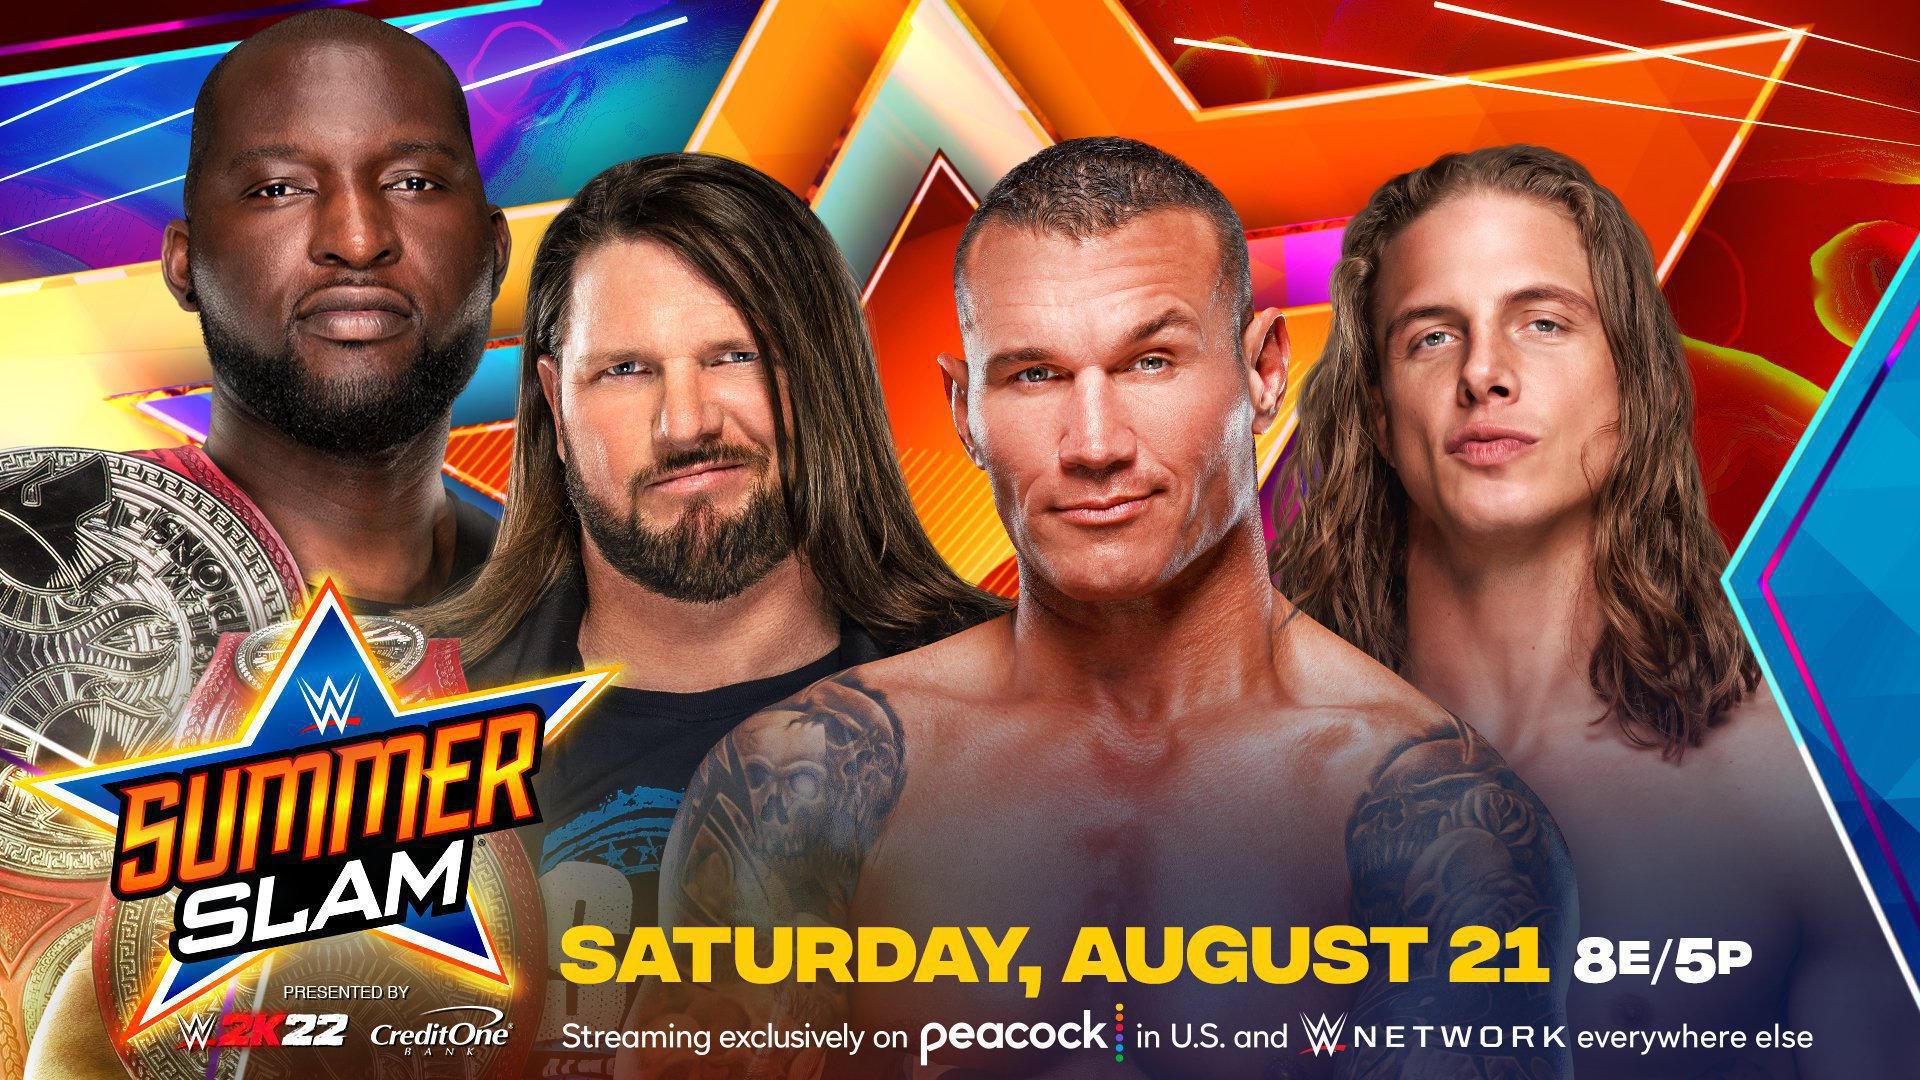 Tag Team RAW